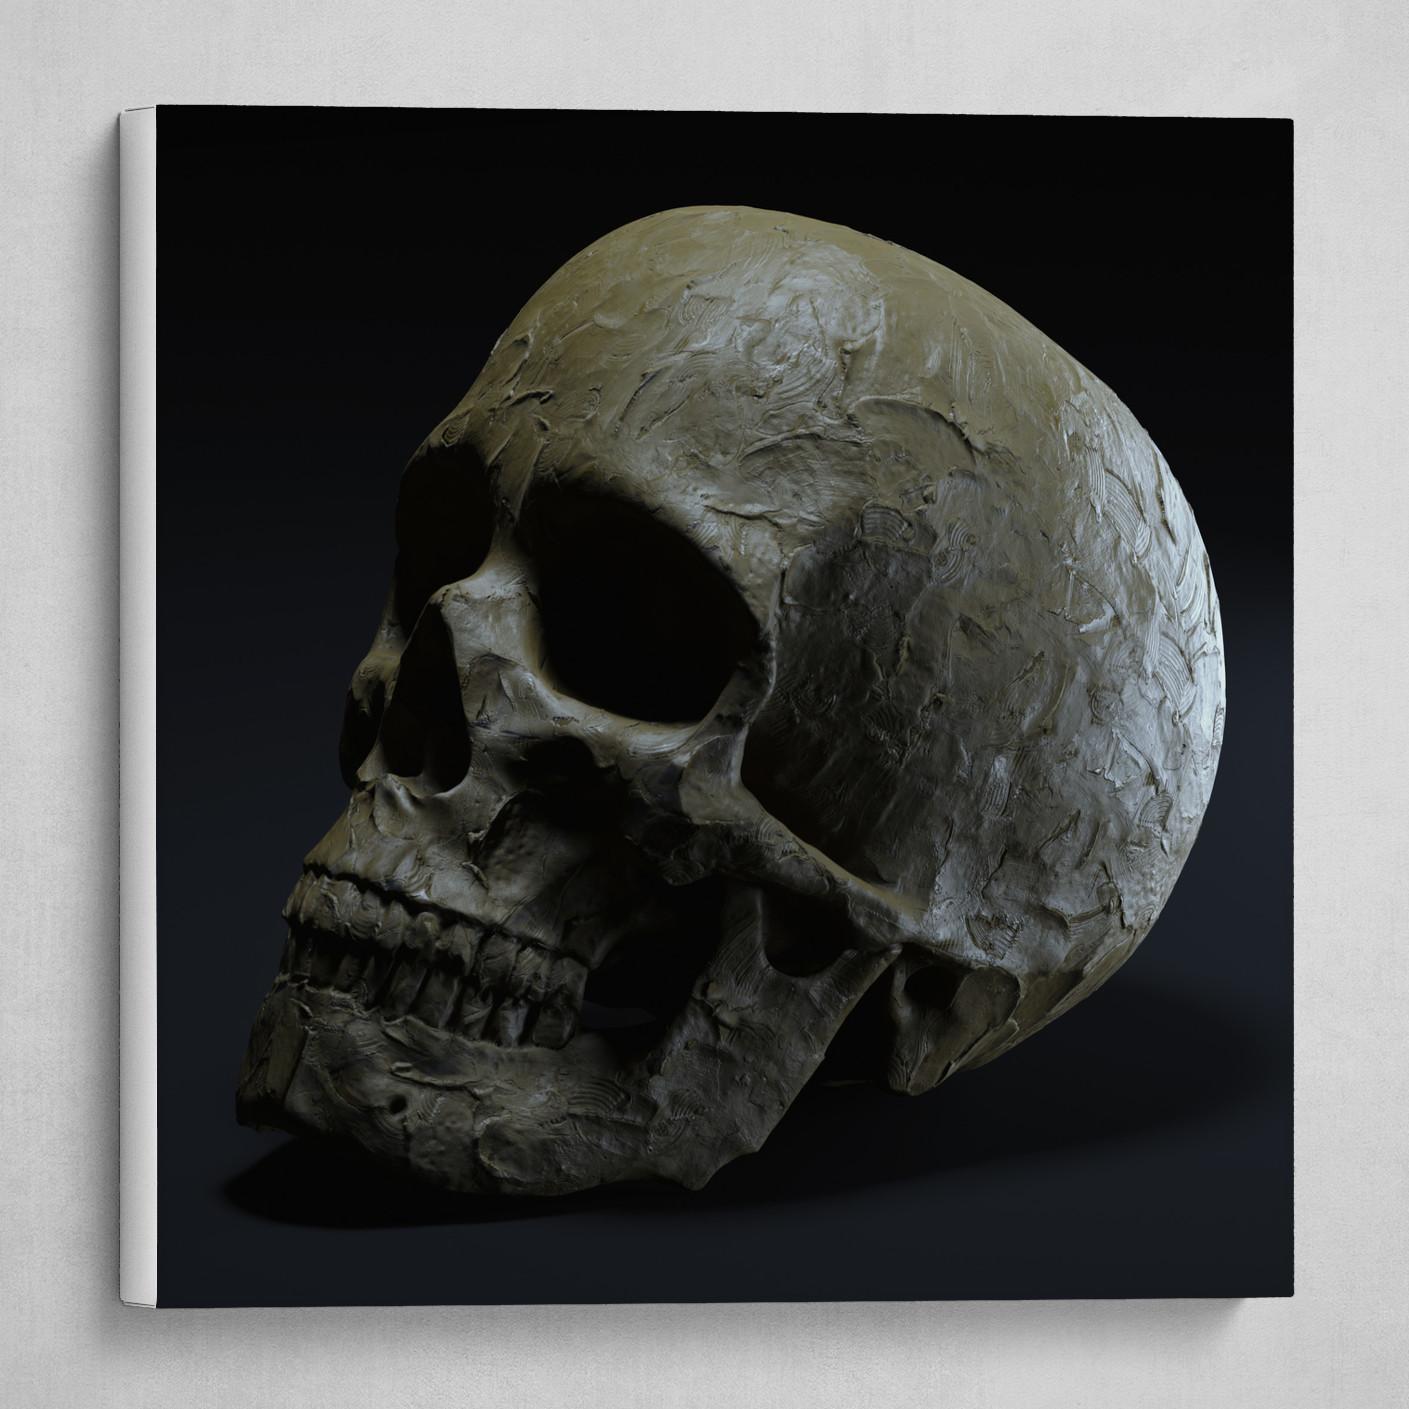 Clay Skull #2